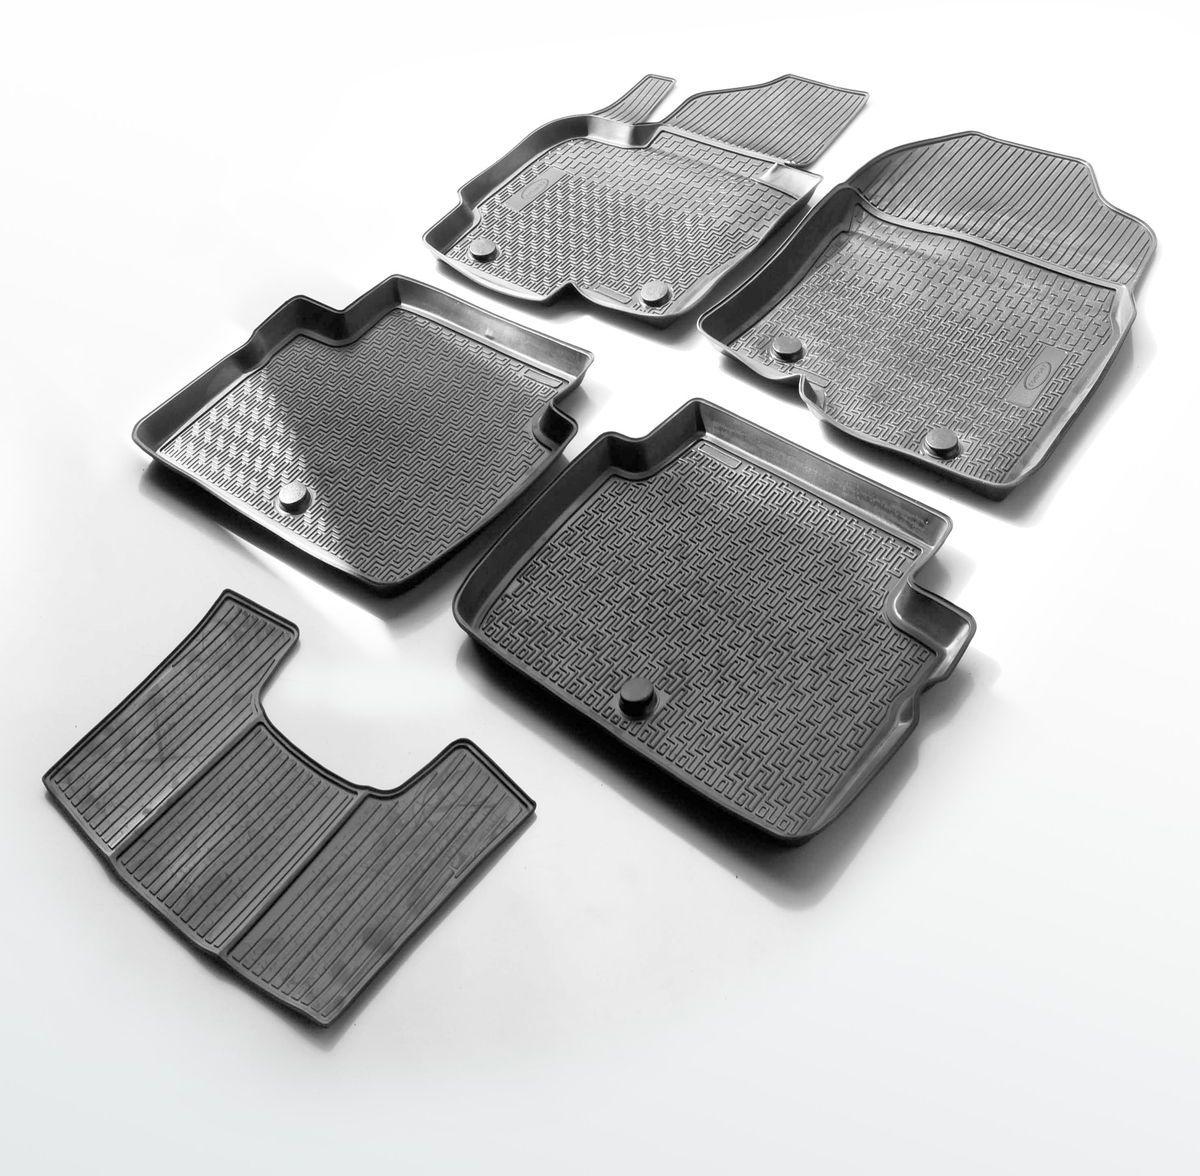 Ковры салона Rival для Toyota Corolla 2006-2013, 4 шт + перемычка0015702002Автомобильные ковры салона Rival Прочные и долговечные ковры в салон автомобиля, изготовлены из высококачественного и экологичного сырья, полностью повторяют геометрию салона вашего автомобиля. - Надежная система крепления, позволяющая закрепить коврик на штатные элементы фиксации, в результате чего отсутствует эффект скольжения по салону автомобиля. - Высокая стойкость поверхности к стиранию. - Специализированный рисунок и высокий борт, препятствующие распространению грязи и жидкости по поверхности ковра. - Перемычка задних ковров в комплекте предотвращает загрязнение тоннеля карданного вала. - Произведены из первичных материалов, в результате чего отсутствует неприятный запах в салоне автомобиля. - Высокая эластичность, можно беспрепятственно эксплуатировать при температуре от -45 ?C до +45 ?C.